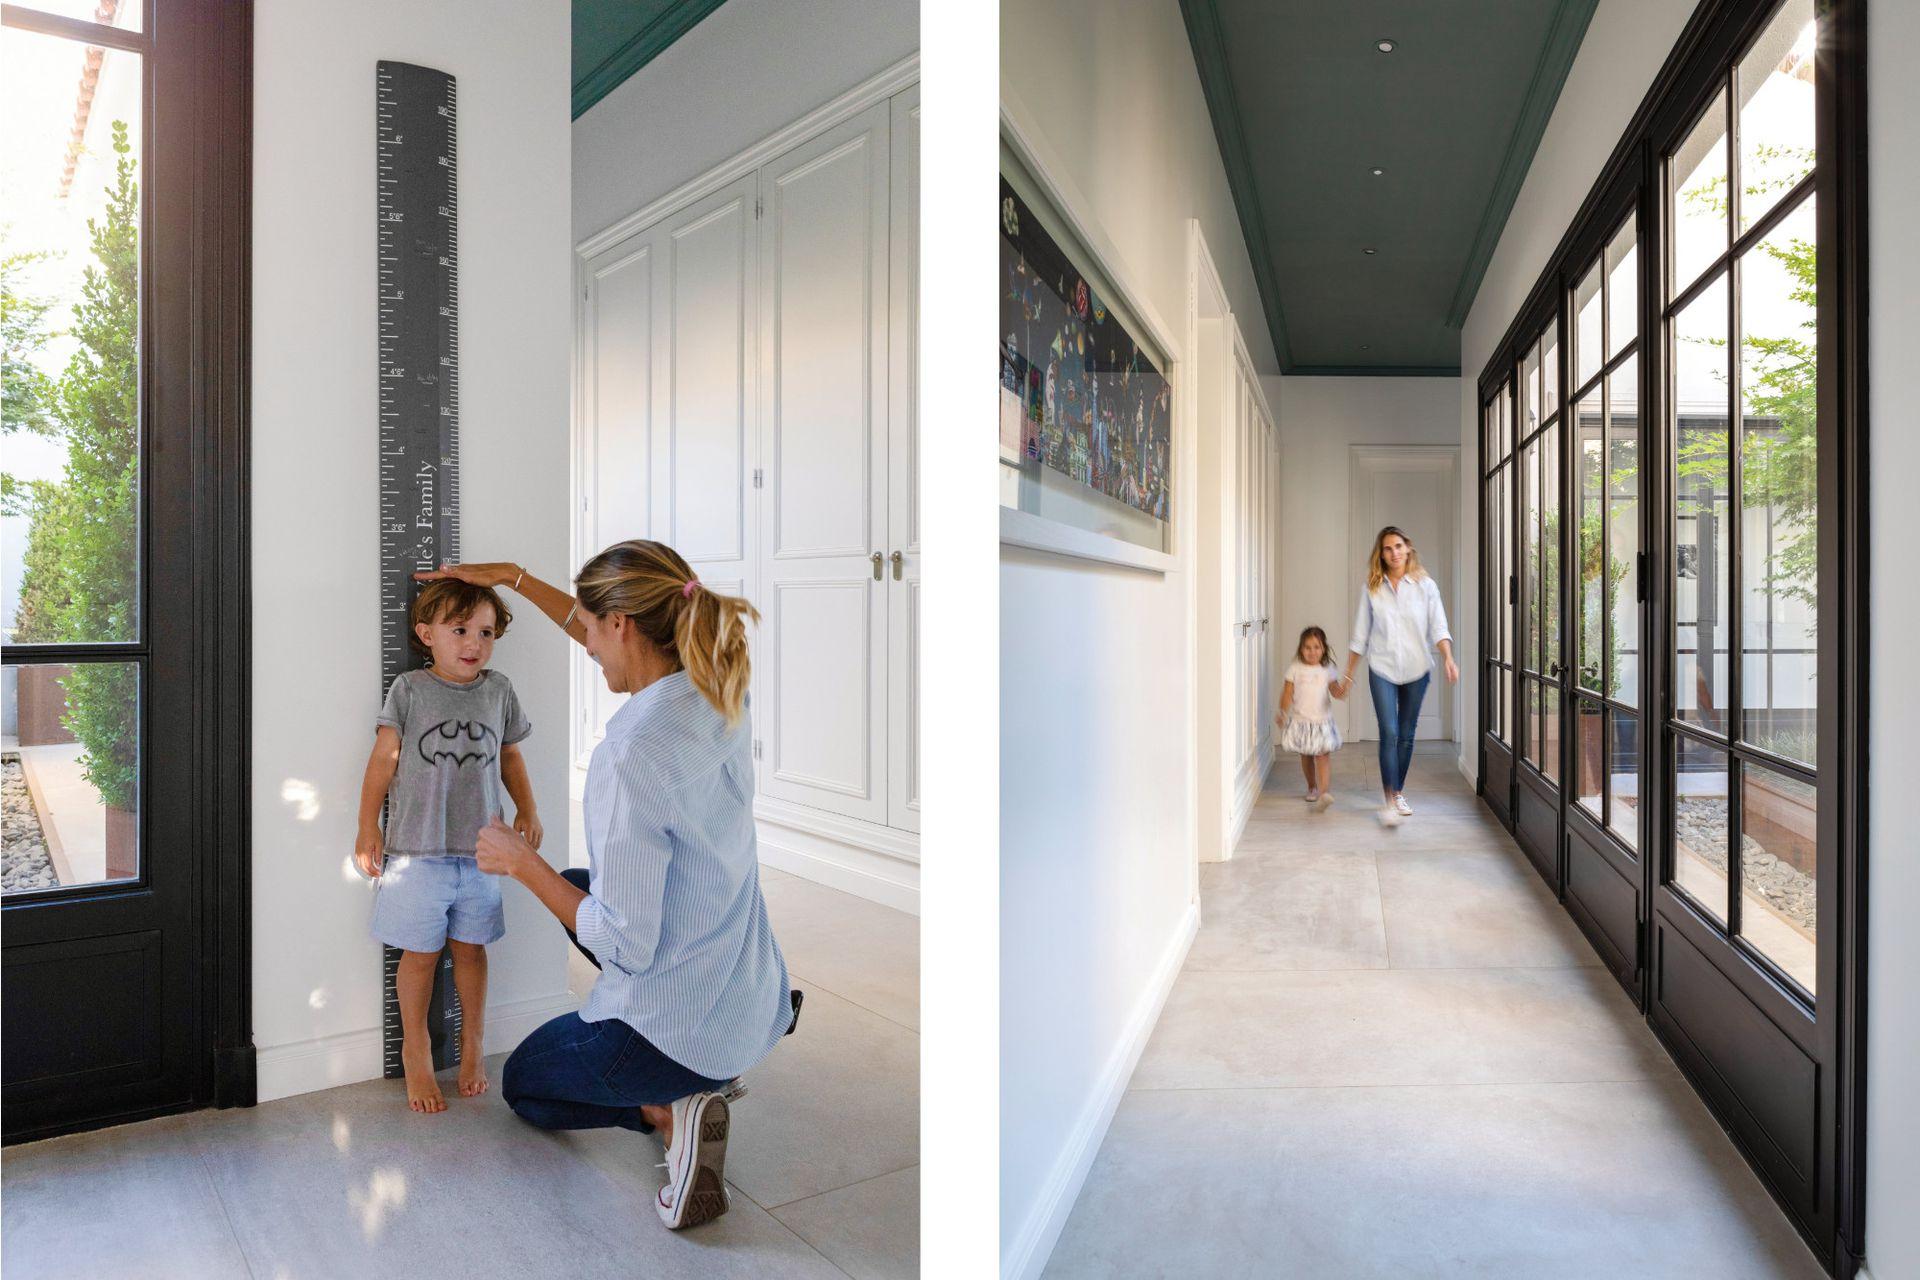 Metro en la pared (The Real Ruler Height Chart Co) y, en la foto de la izquierda, collage de Cecilia Dillon sobre la pared. Las aberturas de hierro son de Del Hierro Design.